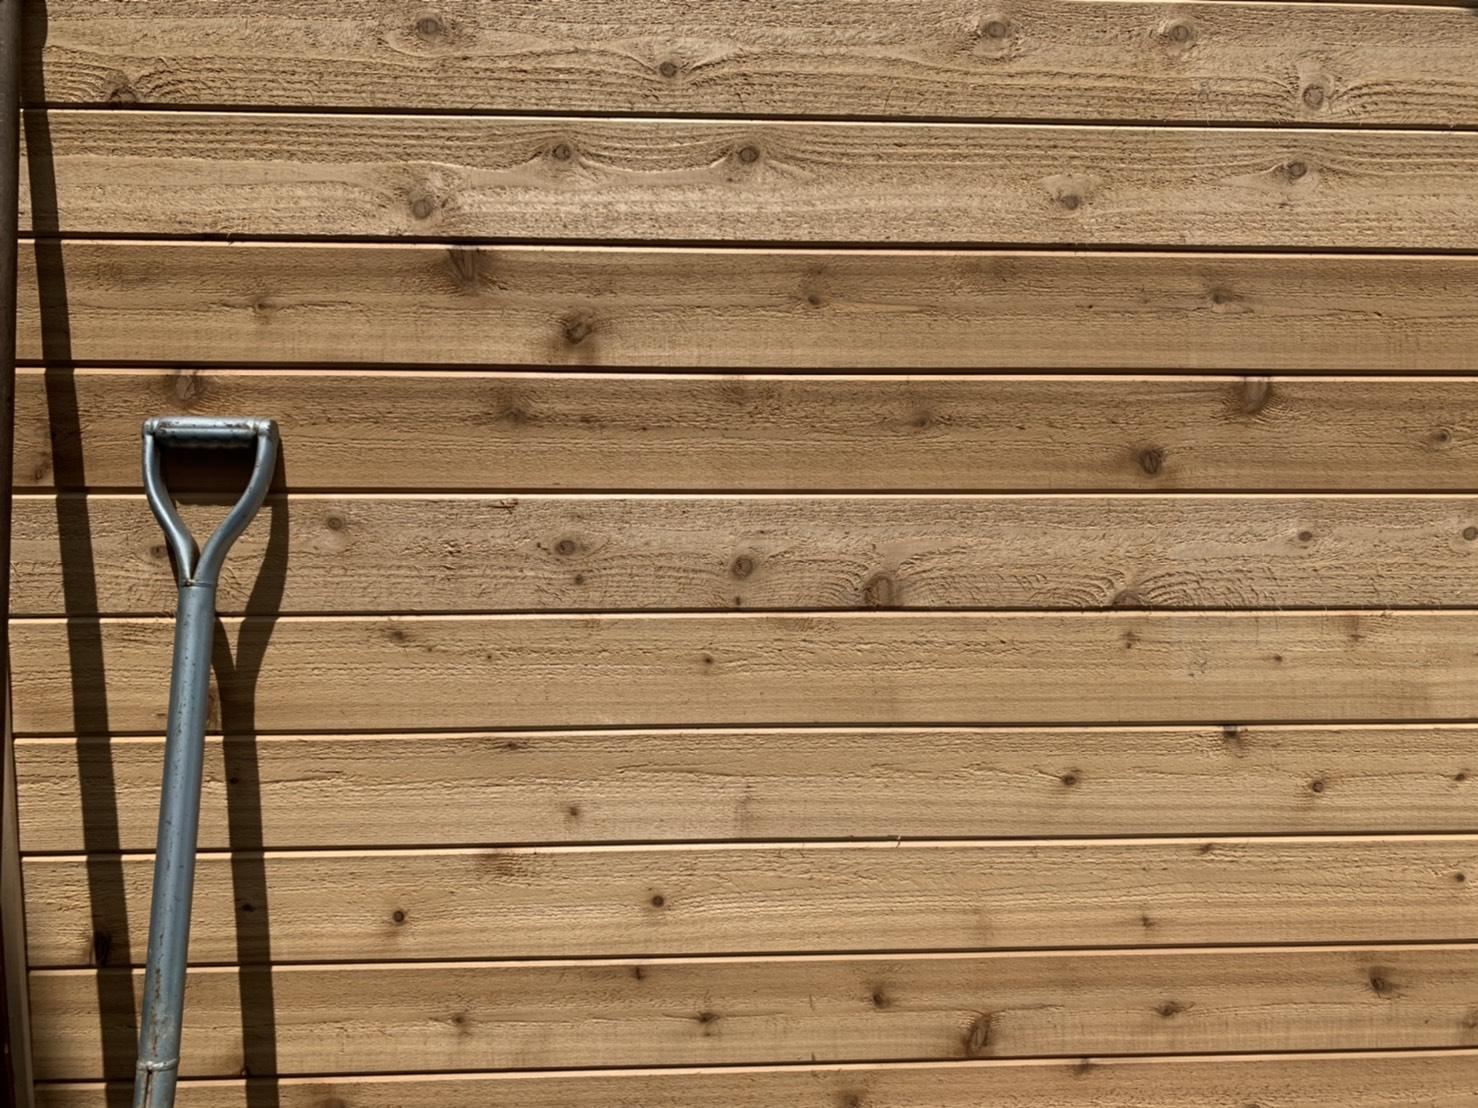 米杉 羽目板 パネリング材 無垢材 無節 無塗装 8×88×3050mm【1ケース 10本 2.68平米】